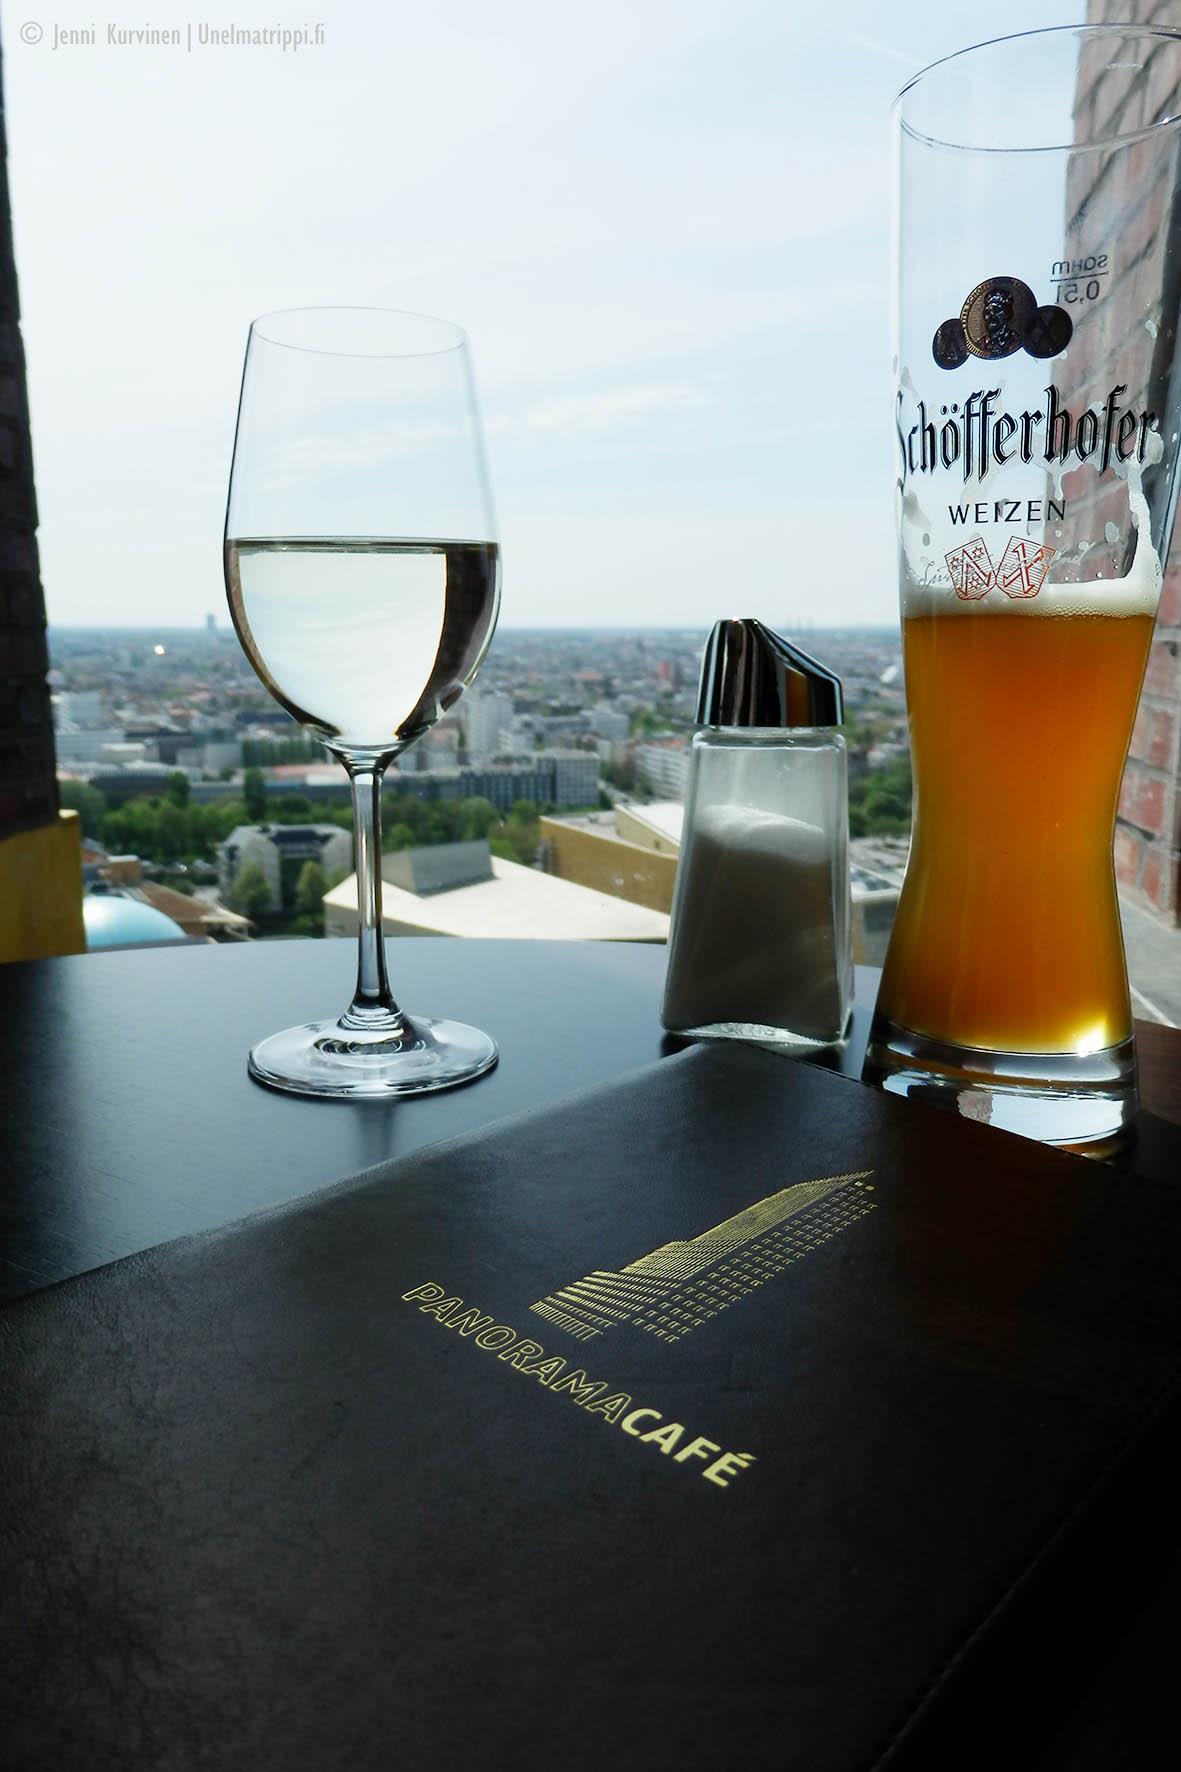 Panoramapunktin näköalabaarissa oluella ja viinilasillisella